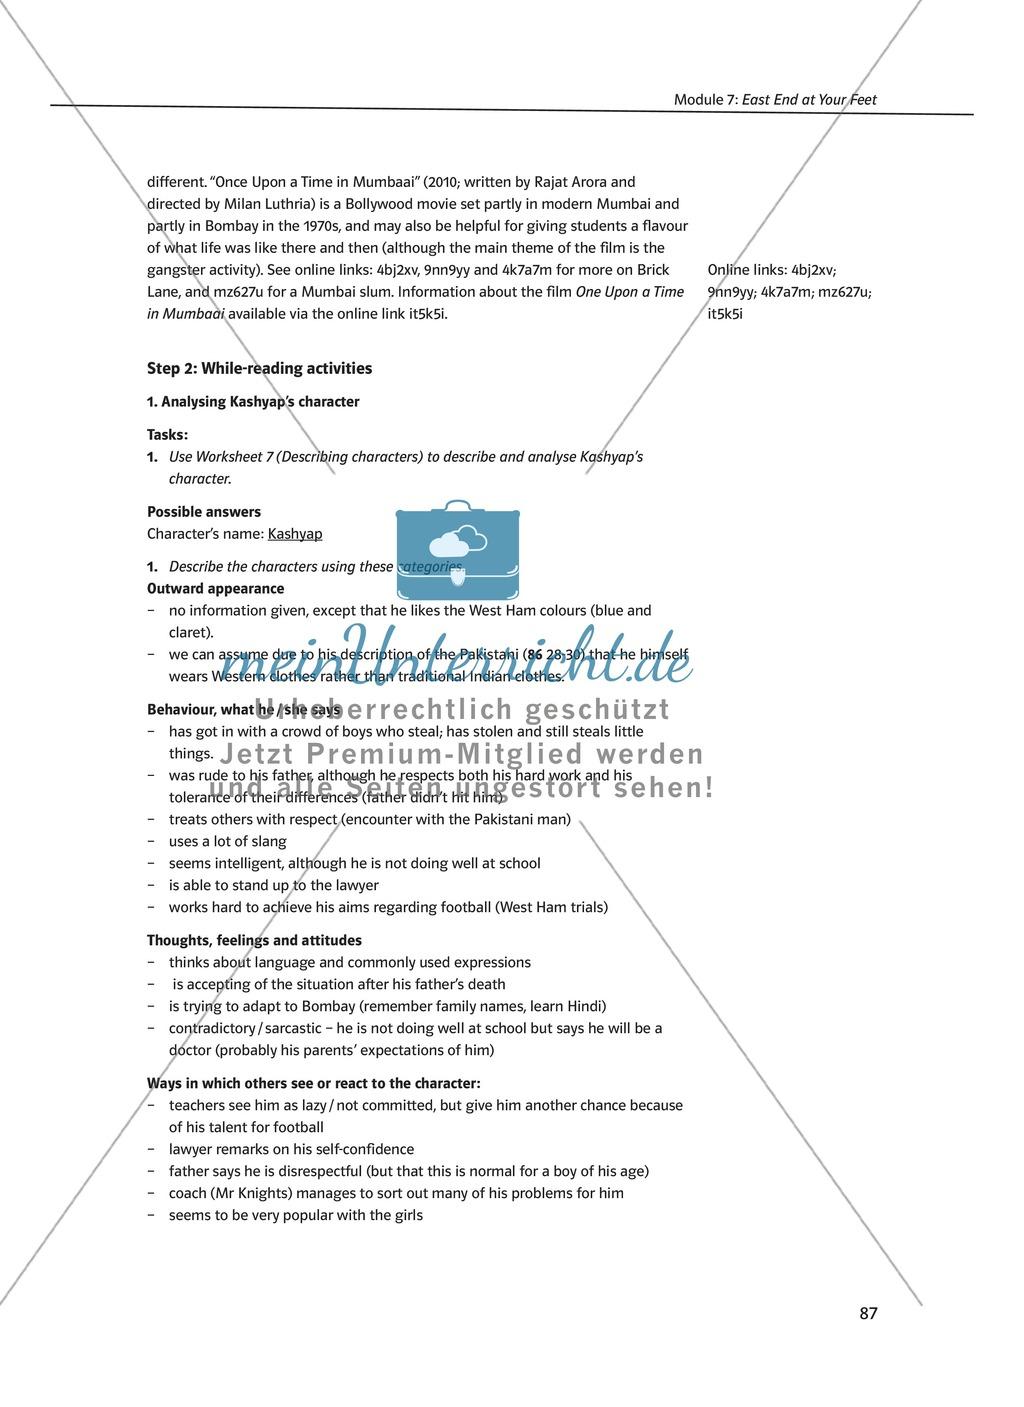 East End at Your Feet: Zusammenfassung + Aufgaben + Arbeitsblätter Preview 2